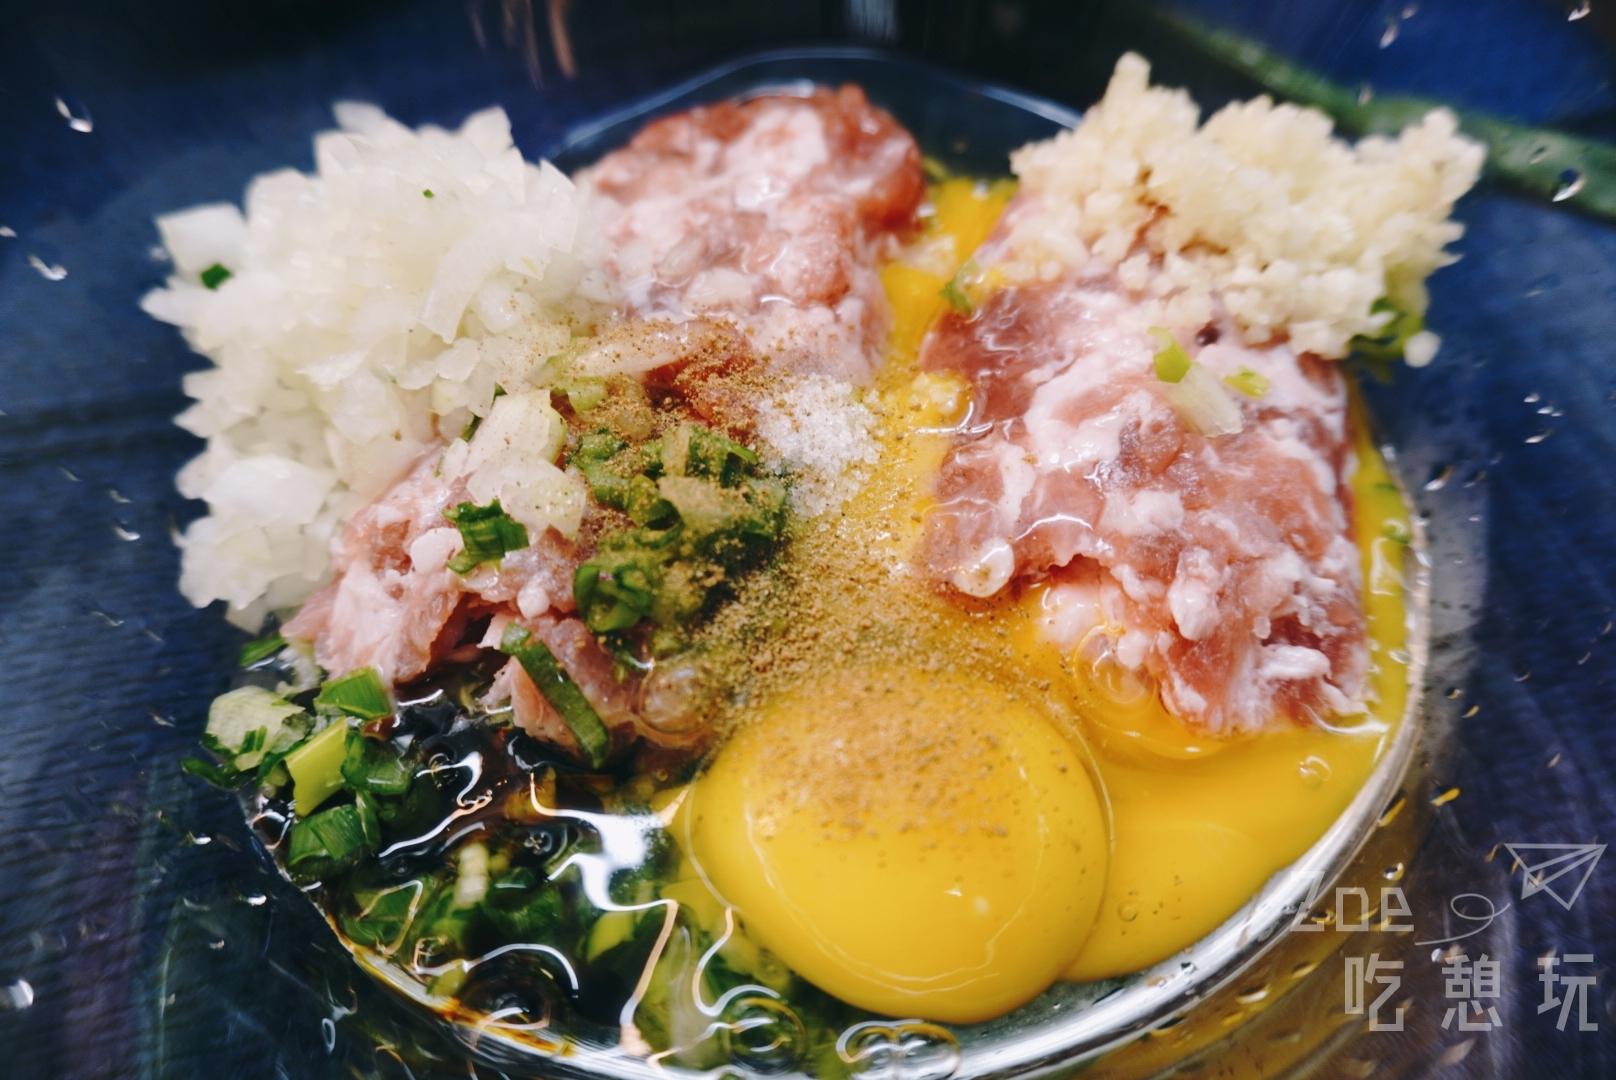 宅在家做料理系列-日式宵夜高麗菜捲!一道菜可以做兩種變化,雖然費工但很有成就感